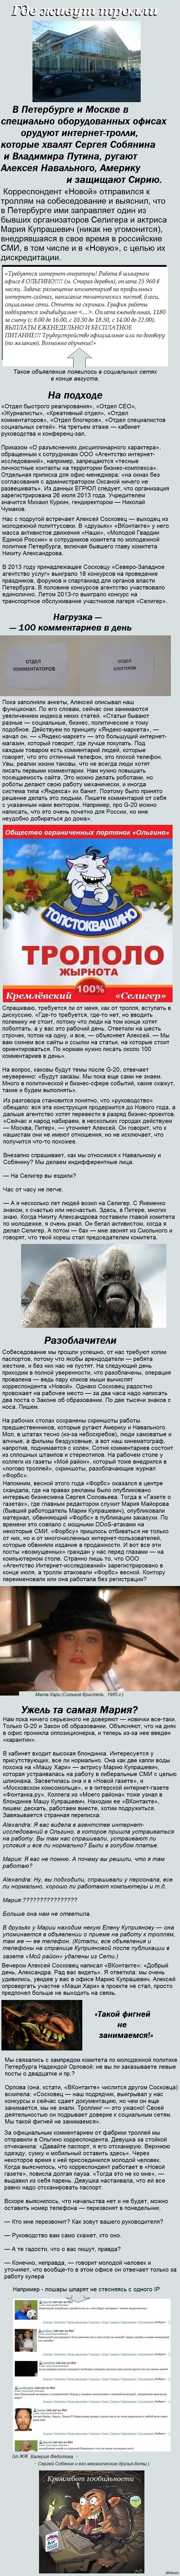 Логово троллей http://www.novayagazeta.ru/society/59903.html